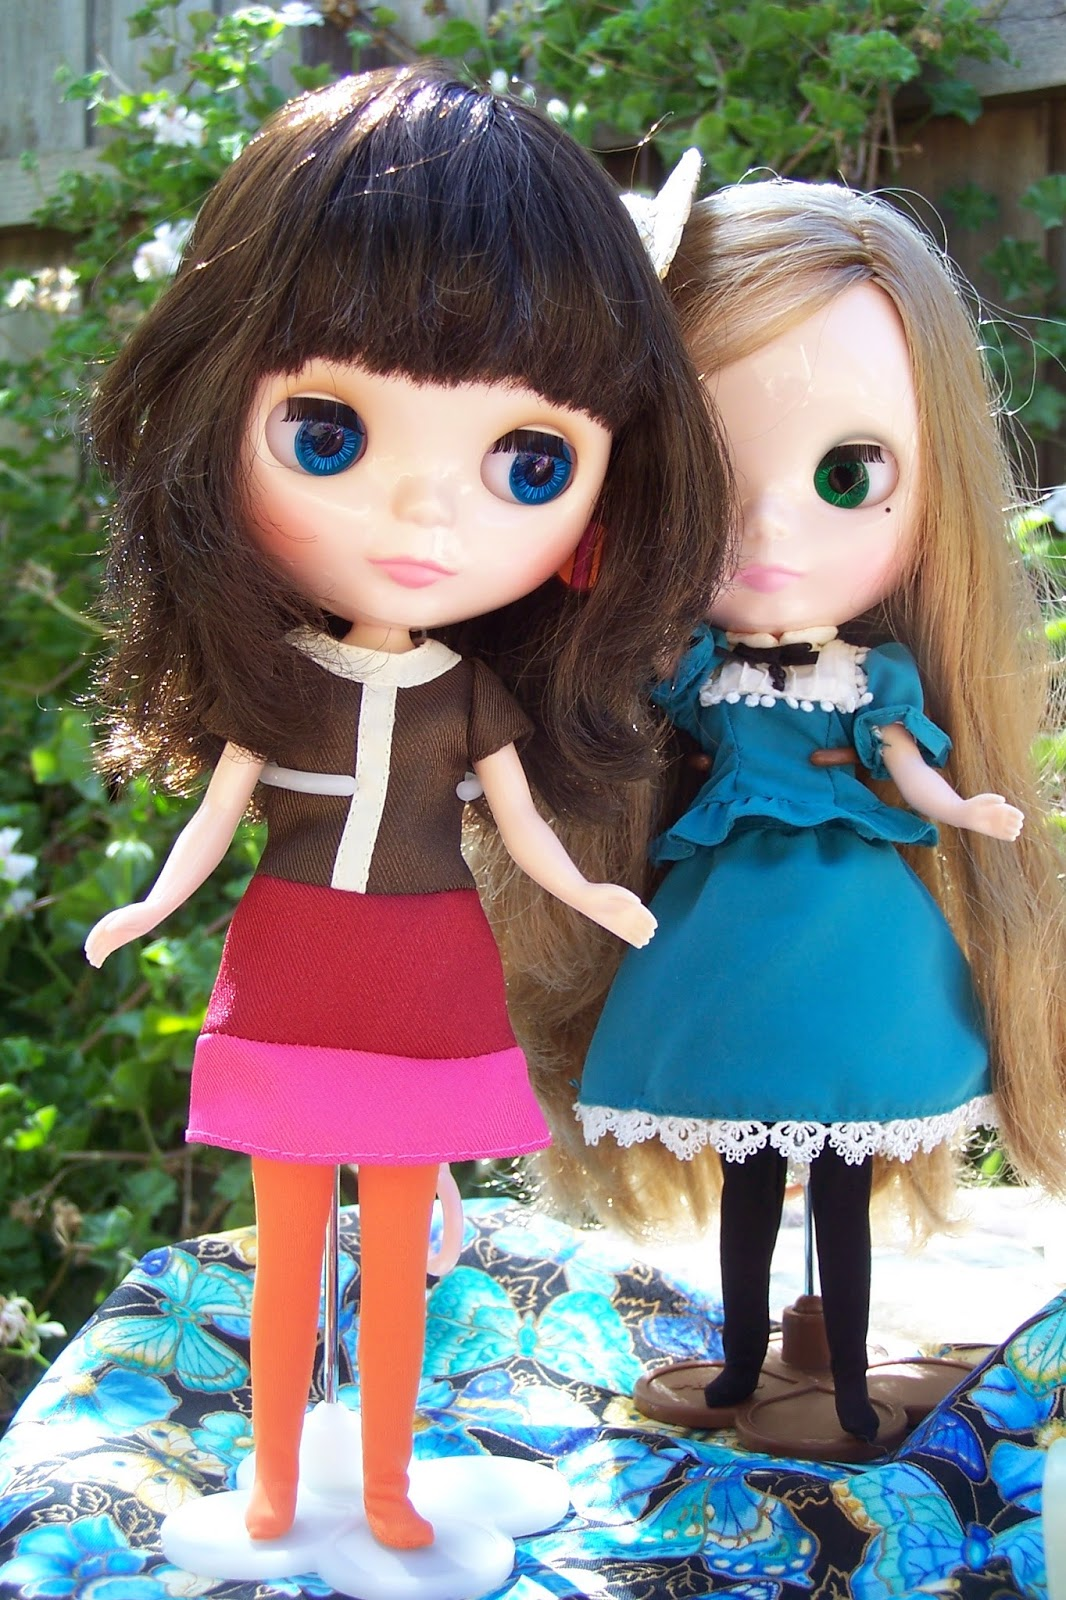 Lizzie's Arty Crafty 'n Dolls